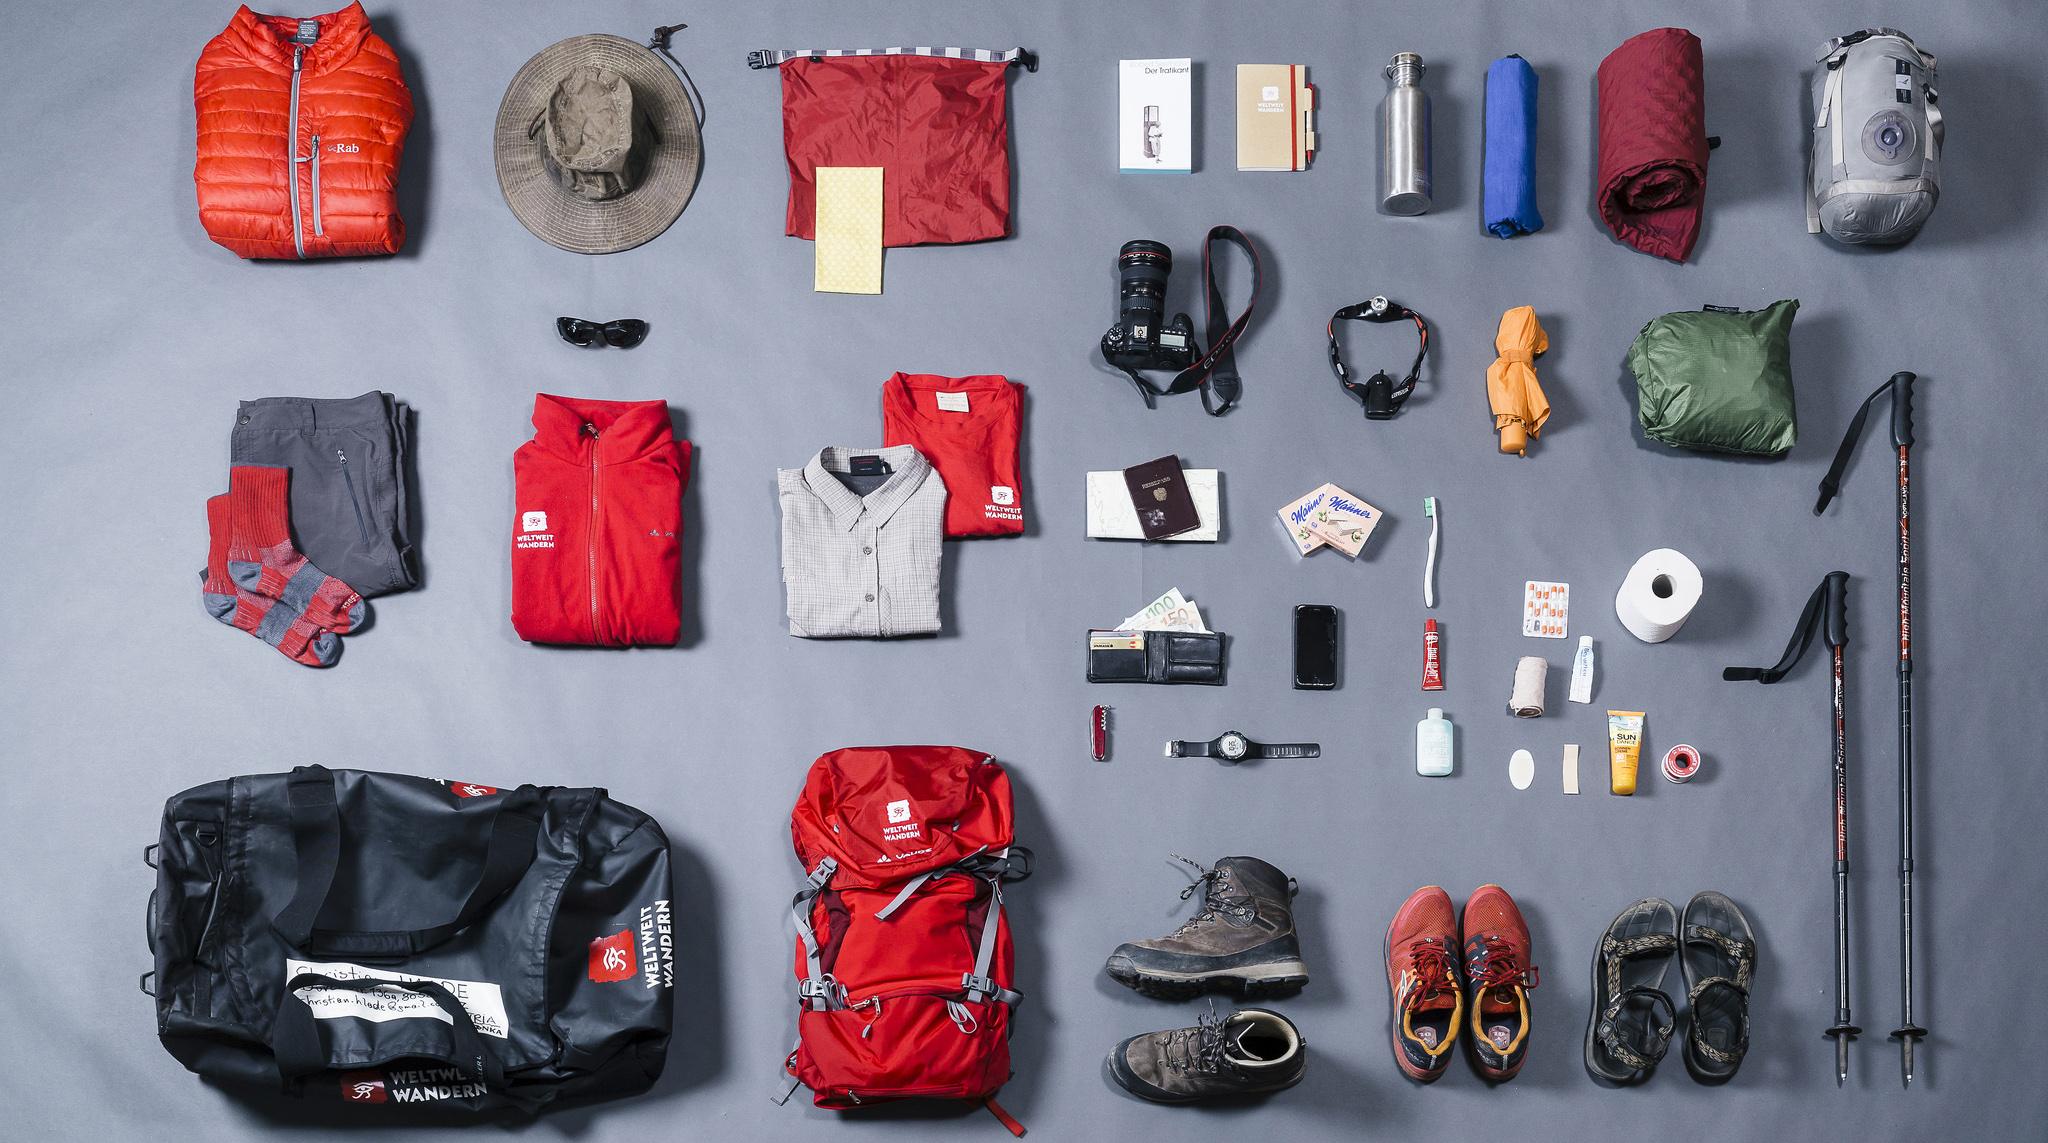 f3723f1e5b5d27 20 Ausrüstungstipps für eine Tageswanderung und den perfekt gepackten  Wanderrucksack - Global Thinking